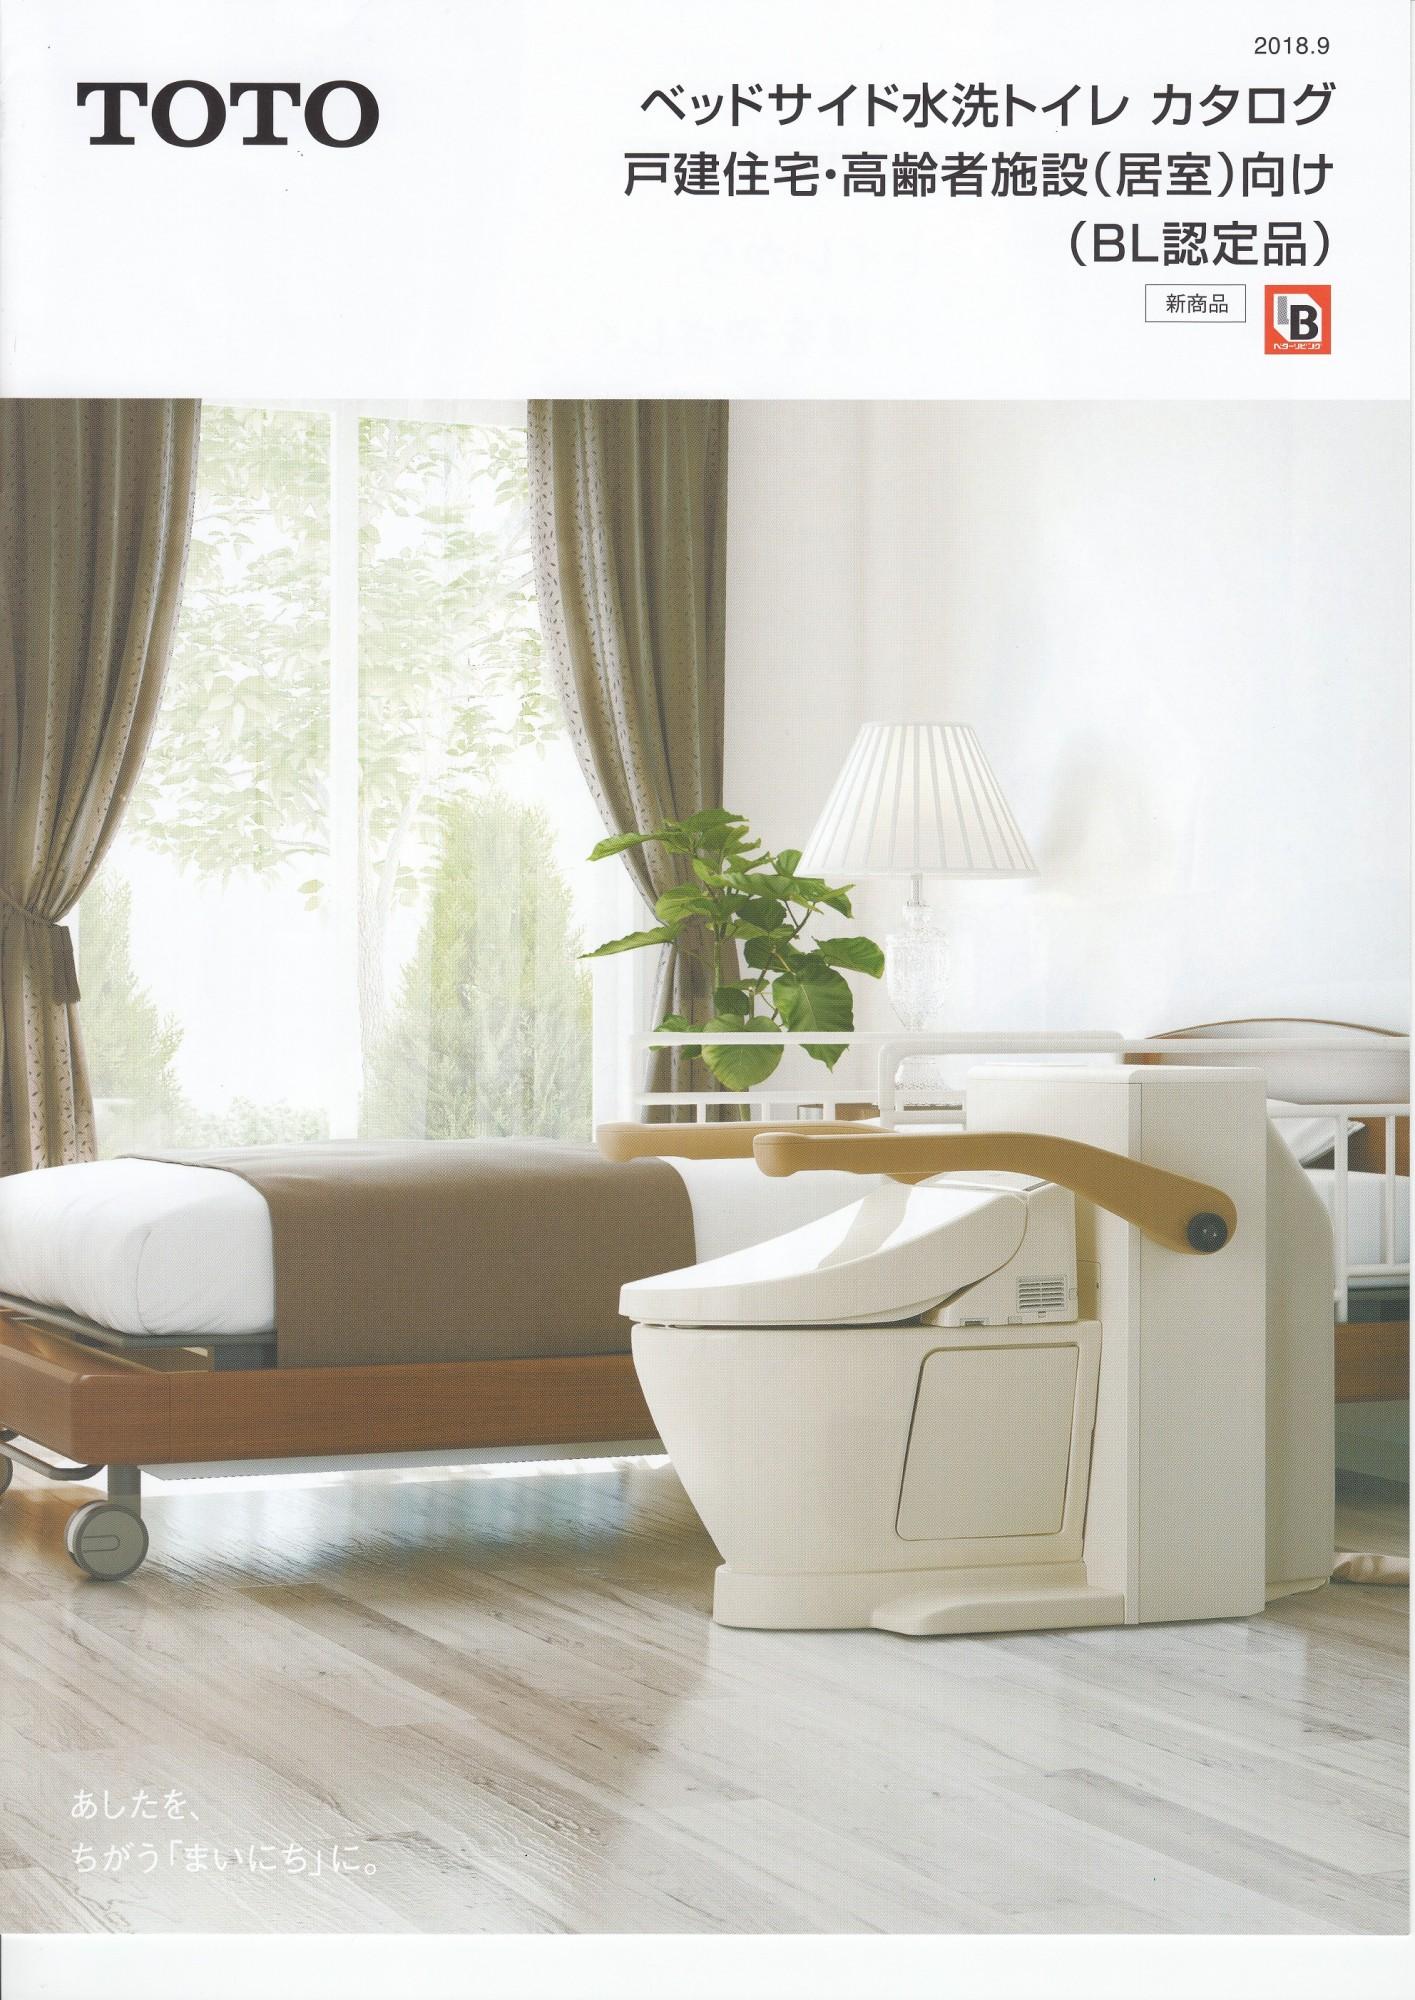 2018国際福祉機器展 感想(トイレ)